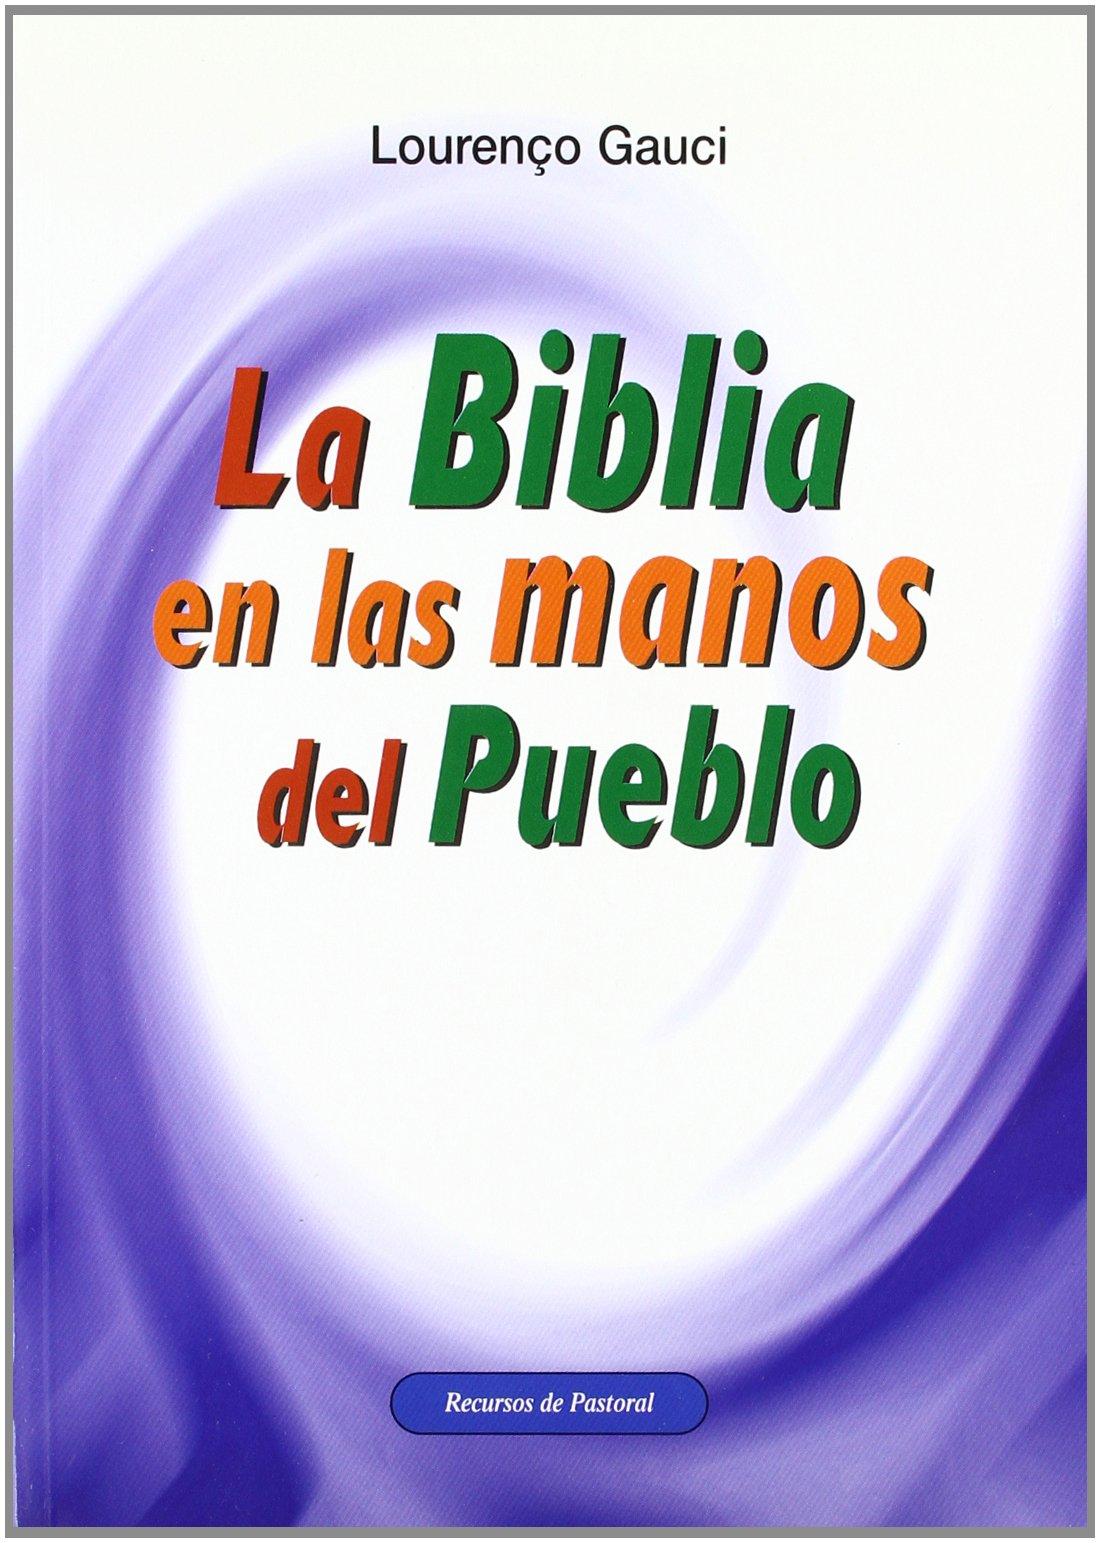 Read Online LA BIBLIA EN LAS MANOS DEL PUEBLO. ENCUENTROS DE GRUPO pdf epub